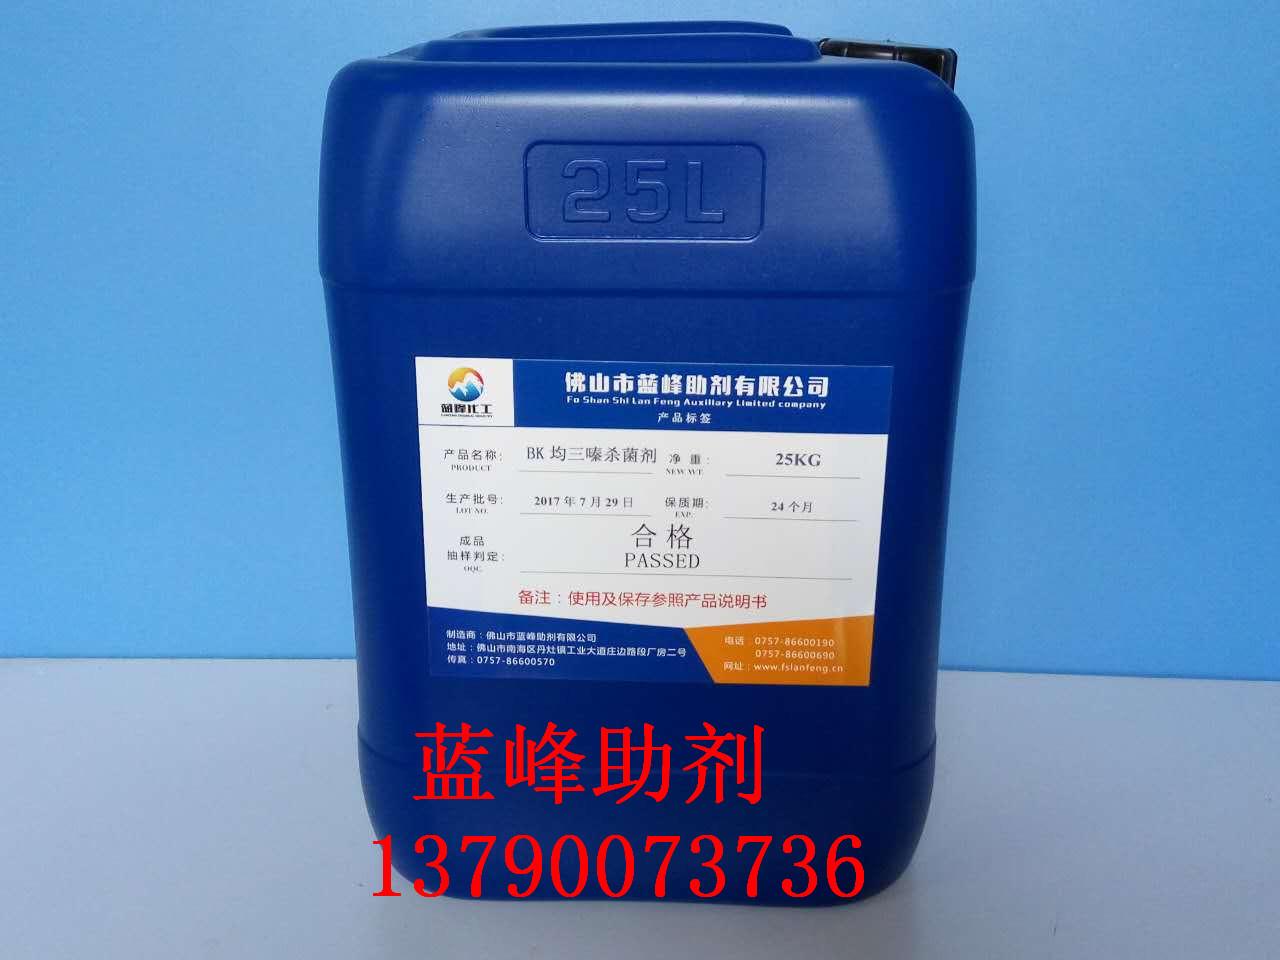 三丹油杀菌剂|三丹油防腐剂|三丹油灭藻剂|三丹油杀菌防腐灭藻剂